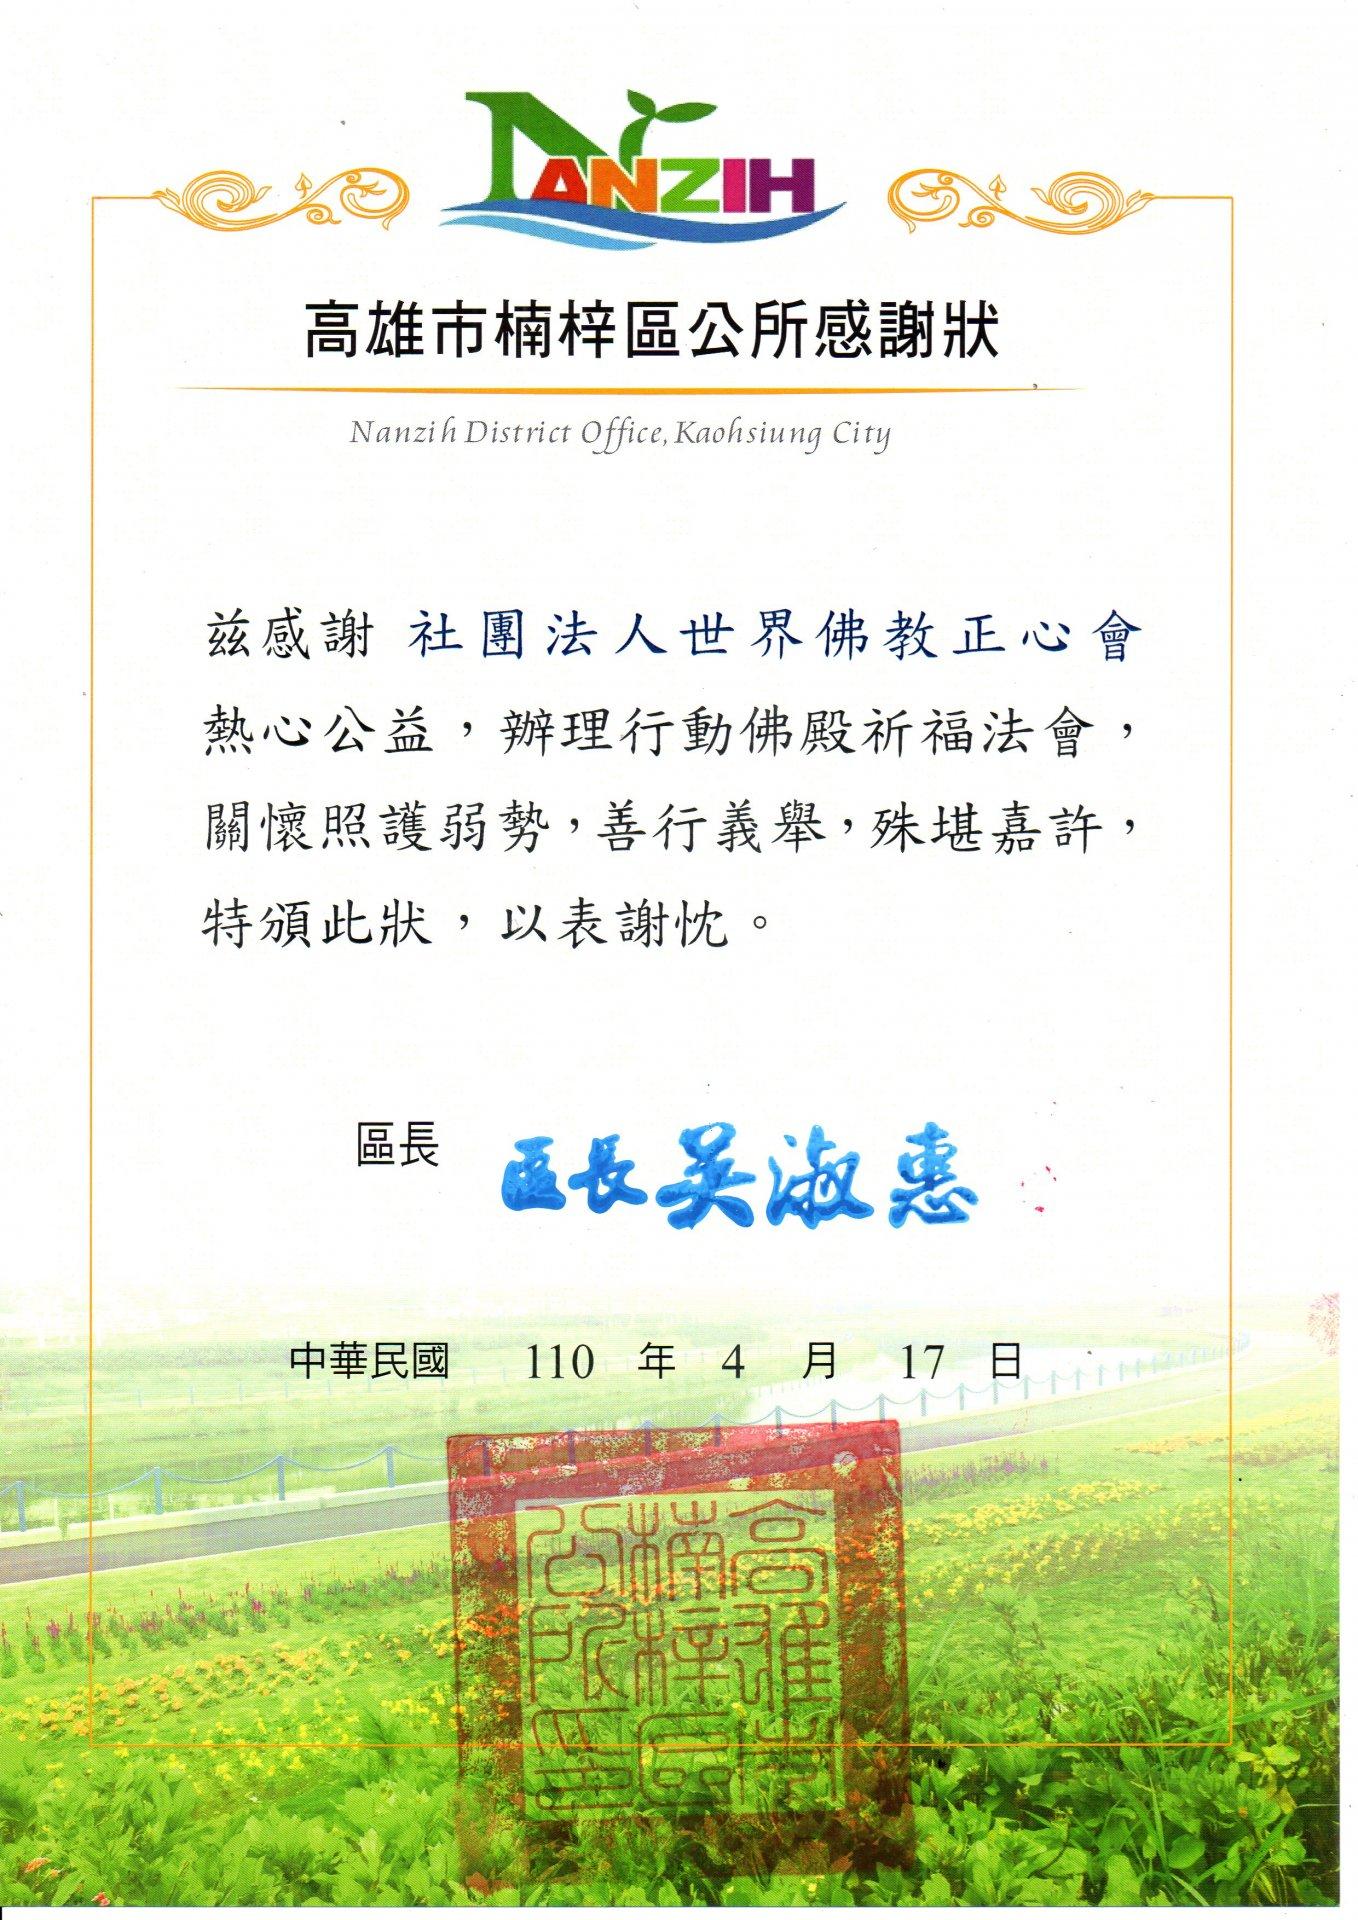 2021-0417高雄楠梓區公所